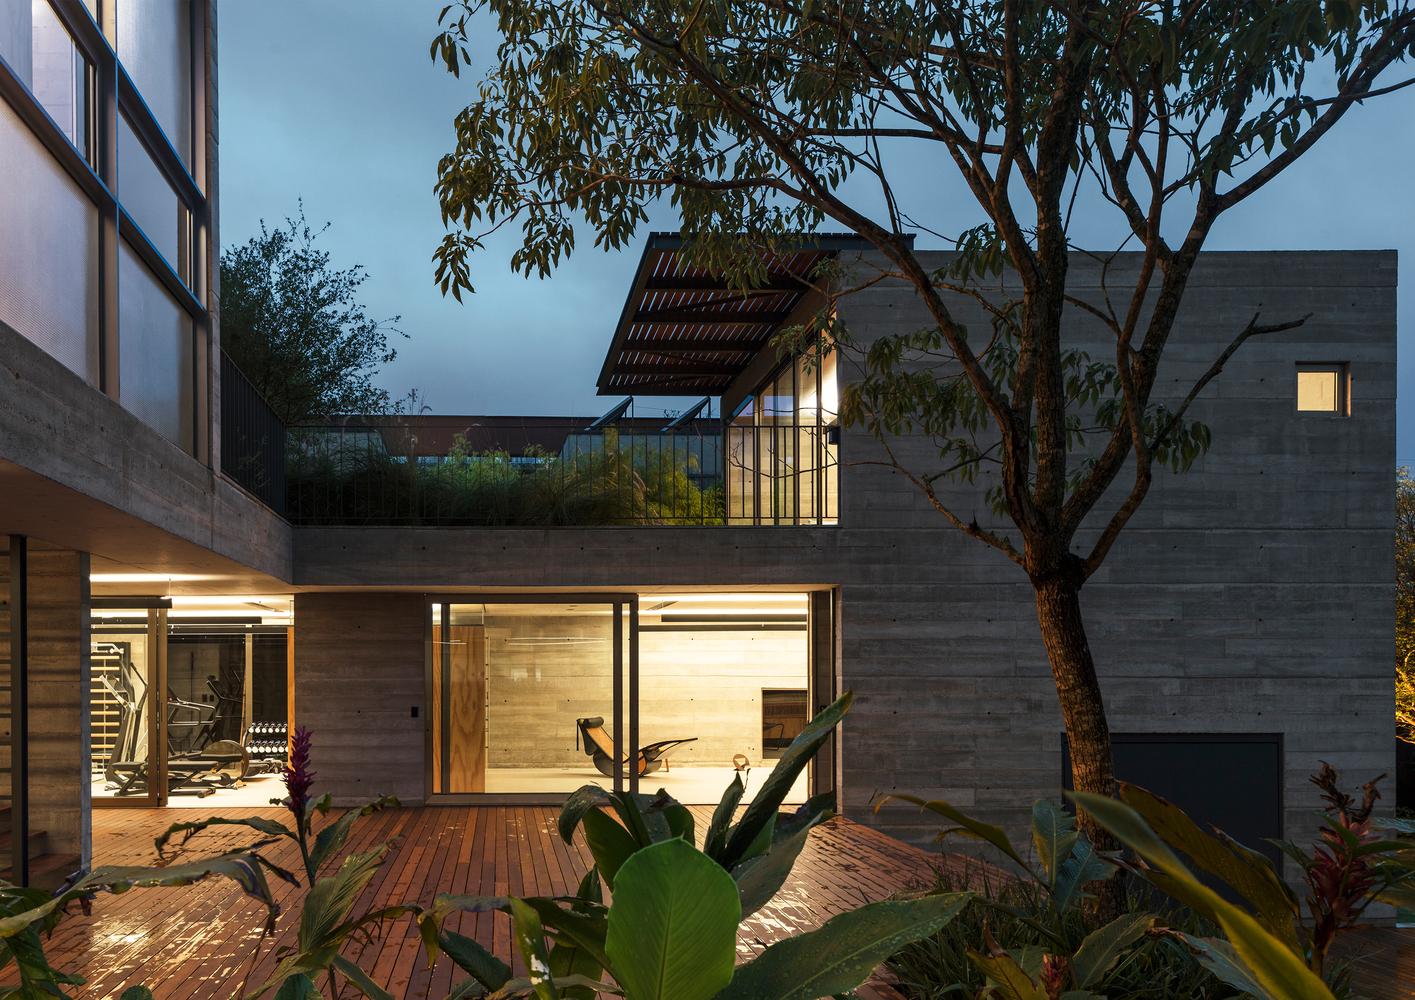 Leonardo Finotti 13 - Ấn tượng với kiến trúc của ngôi nhà được cải tạo mở rộng